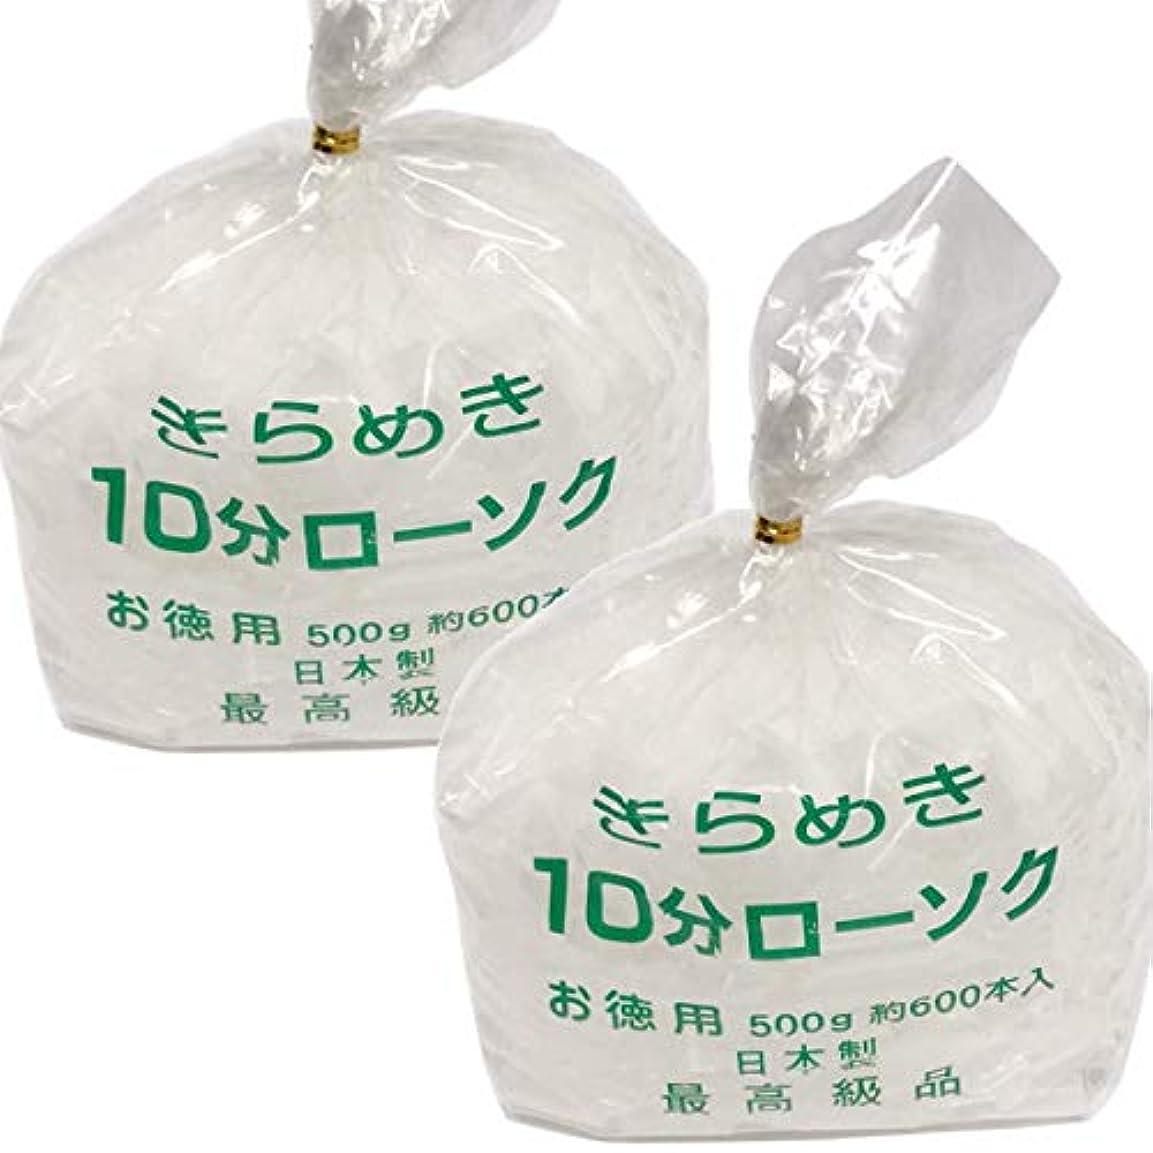 カタログスキー年金受給者東亜ローソク ミニロウソク きらめき お徳用袋入 5分?10分 (10分ローソク2袋)